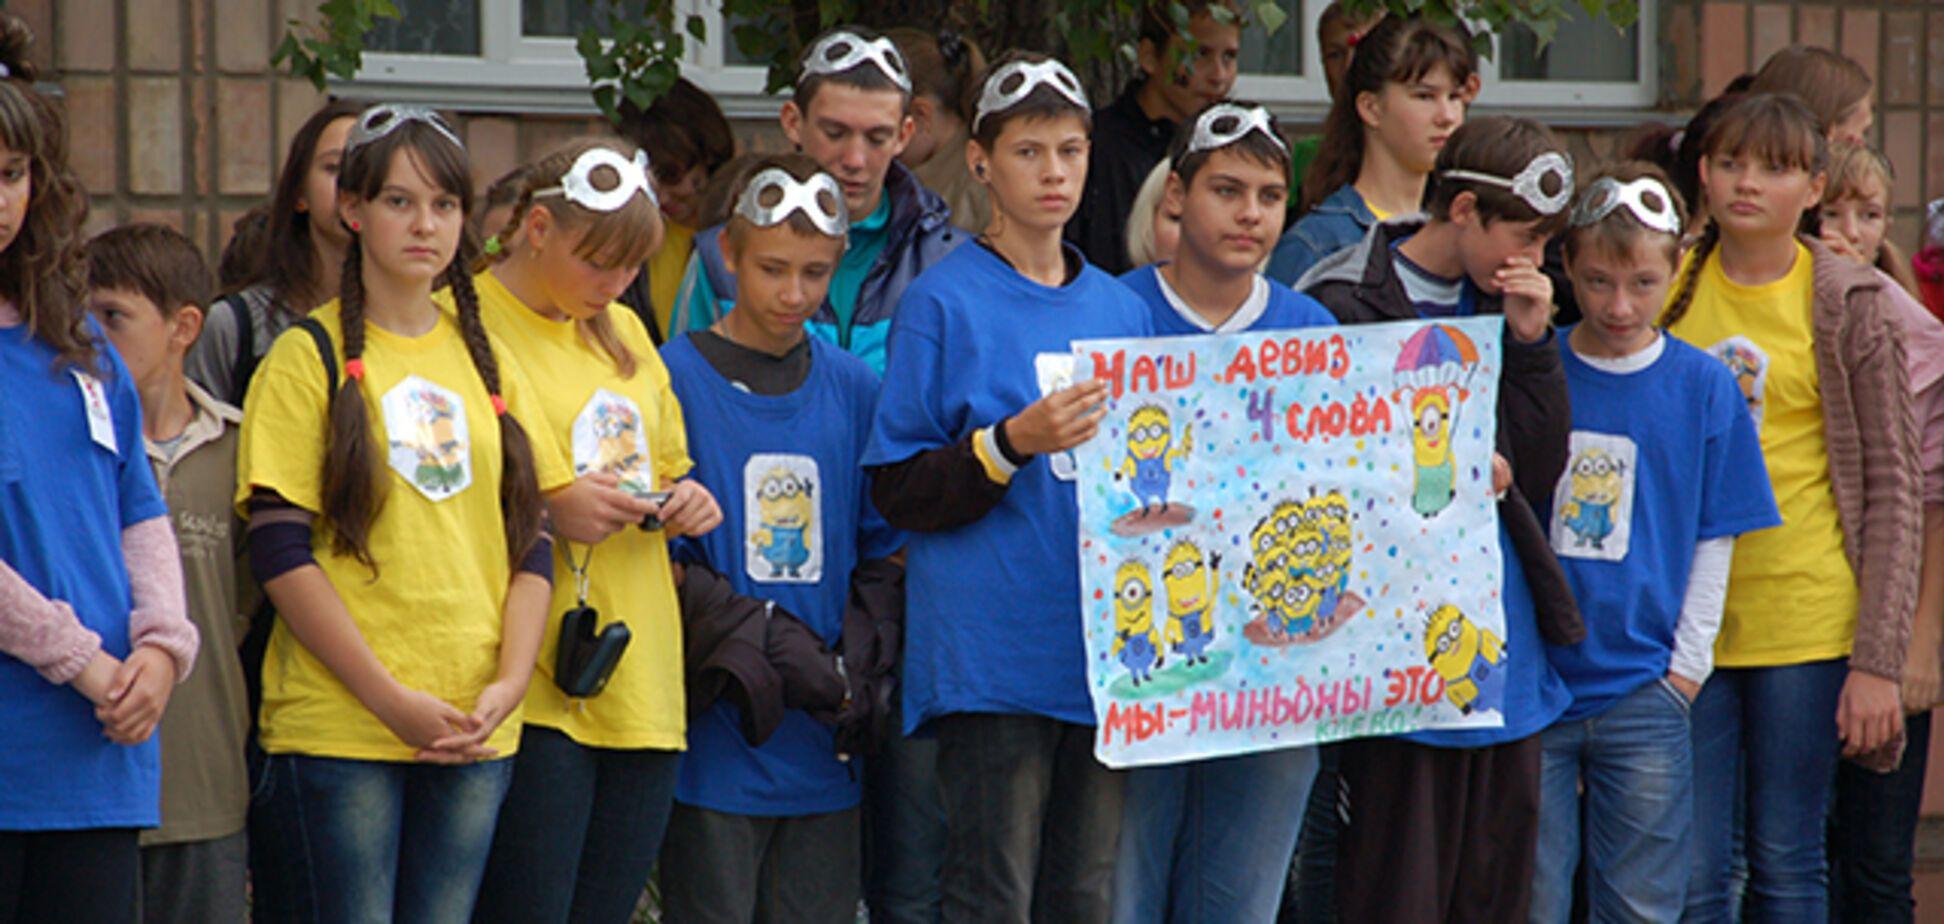 'Або російська, або до побачення': Миколаїв сколихнув мовний скандал в школах